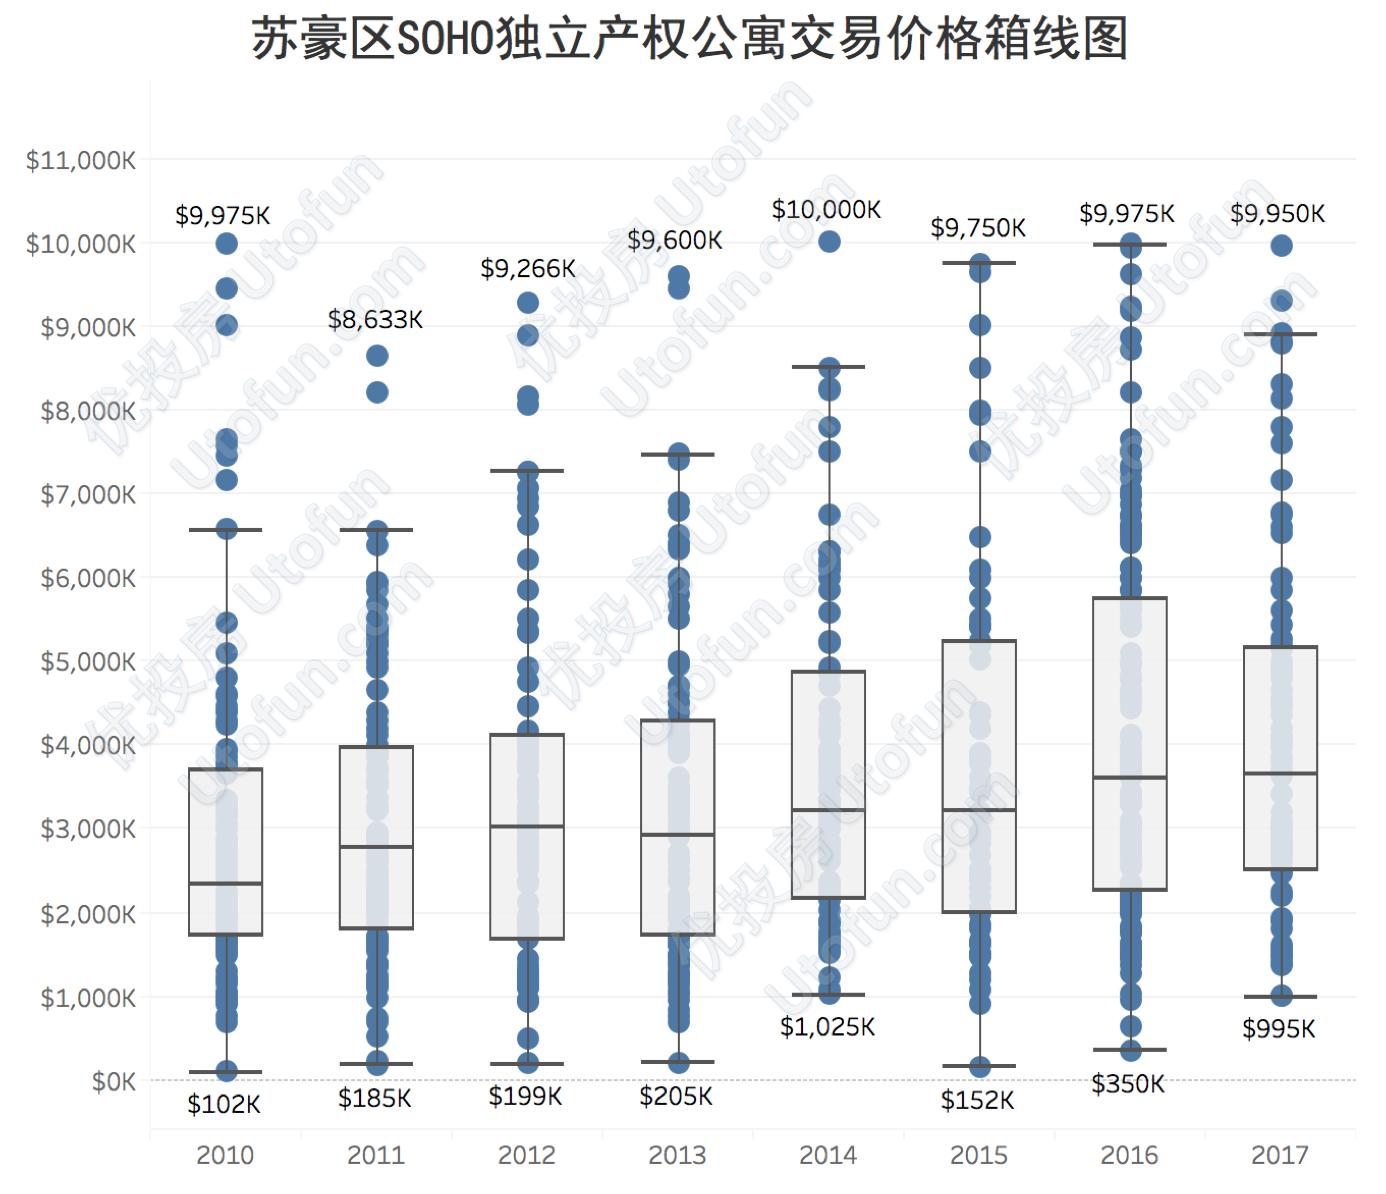 苏豪区SOHO独立产权公寓交易价格箱线图